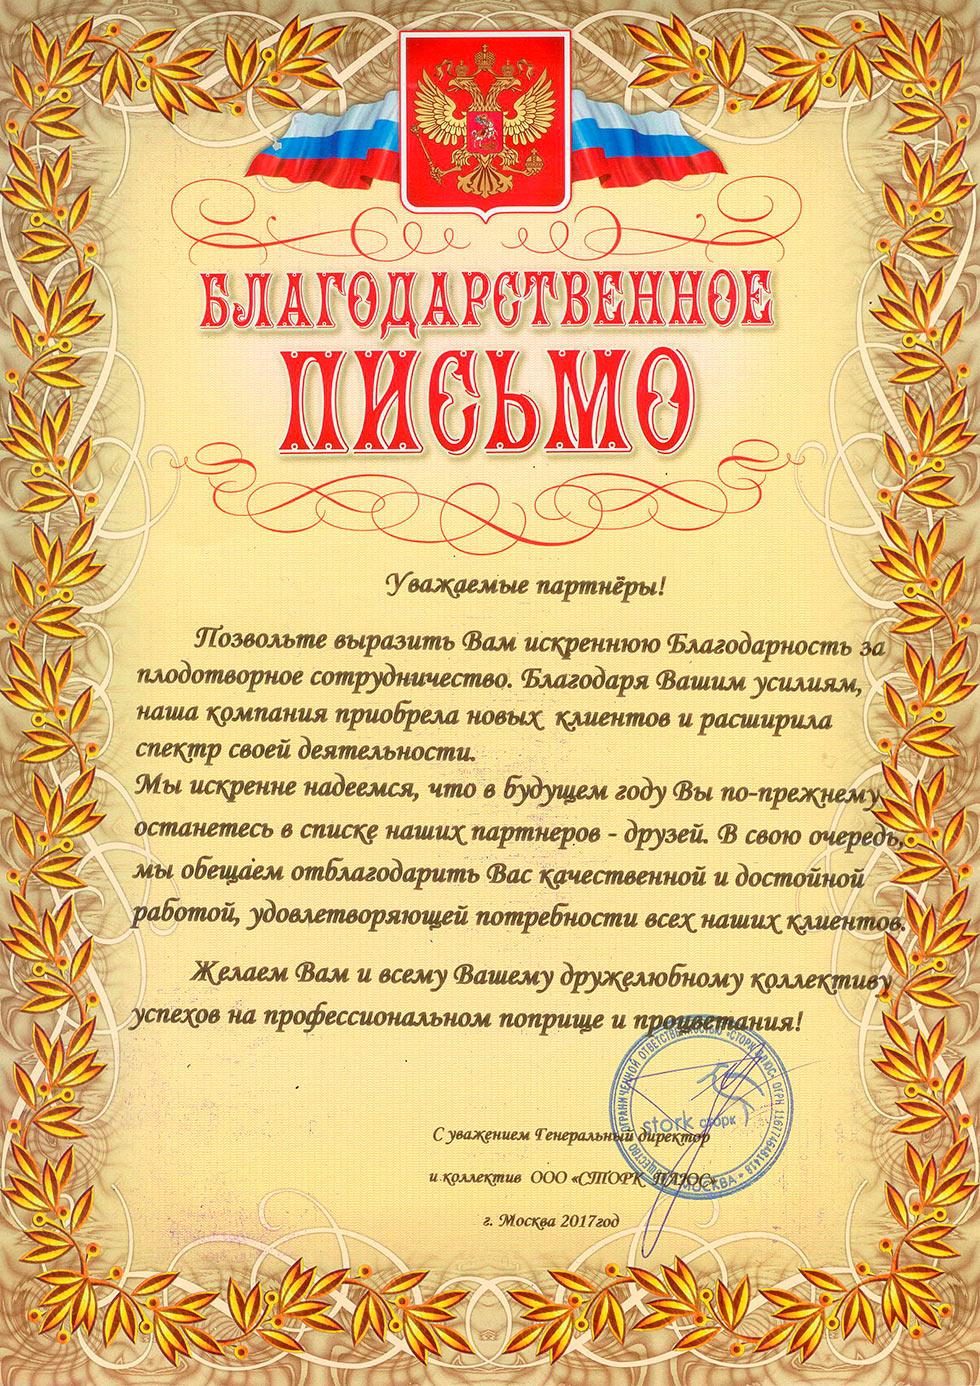 Благодарственное письмо от компании СТОРК ПЛЮС (Москва)